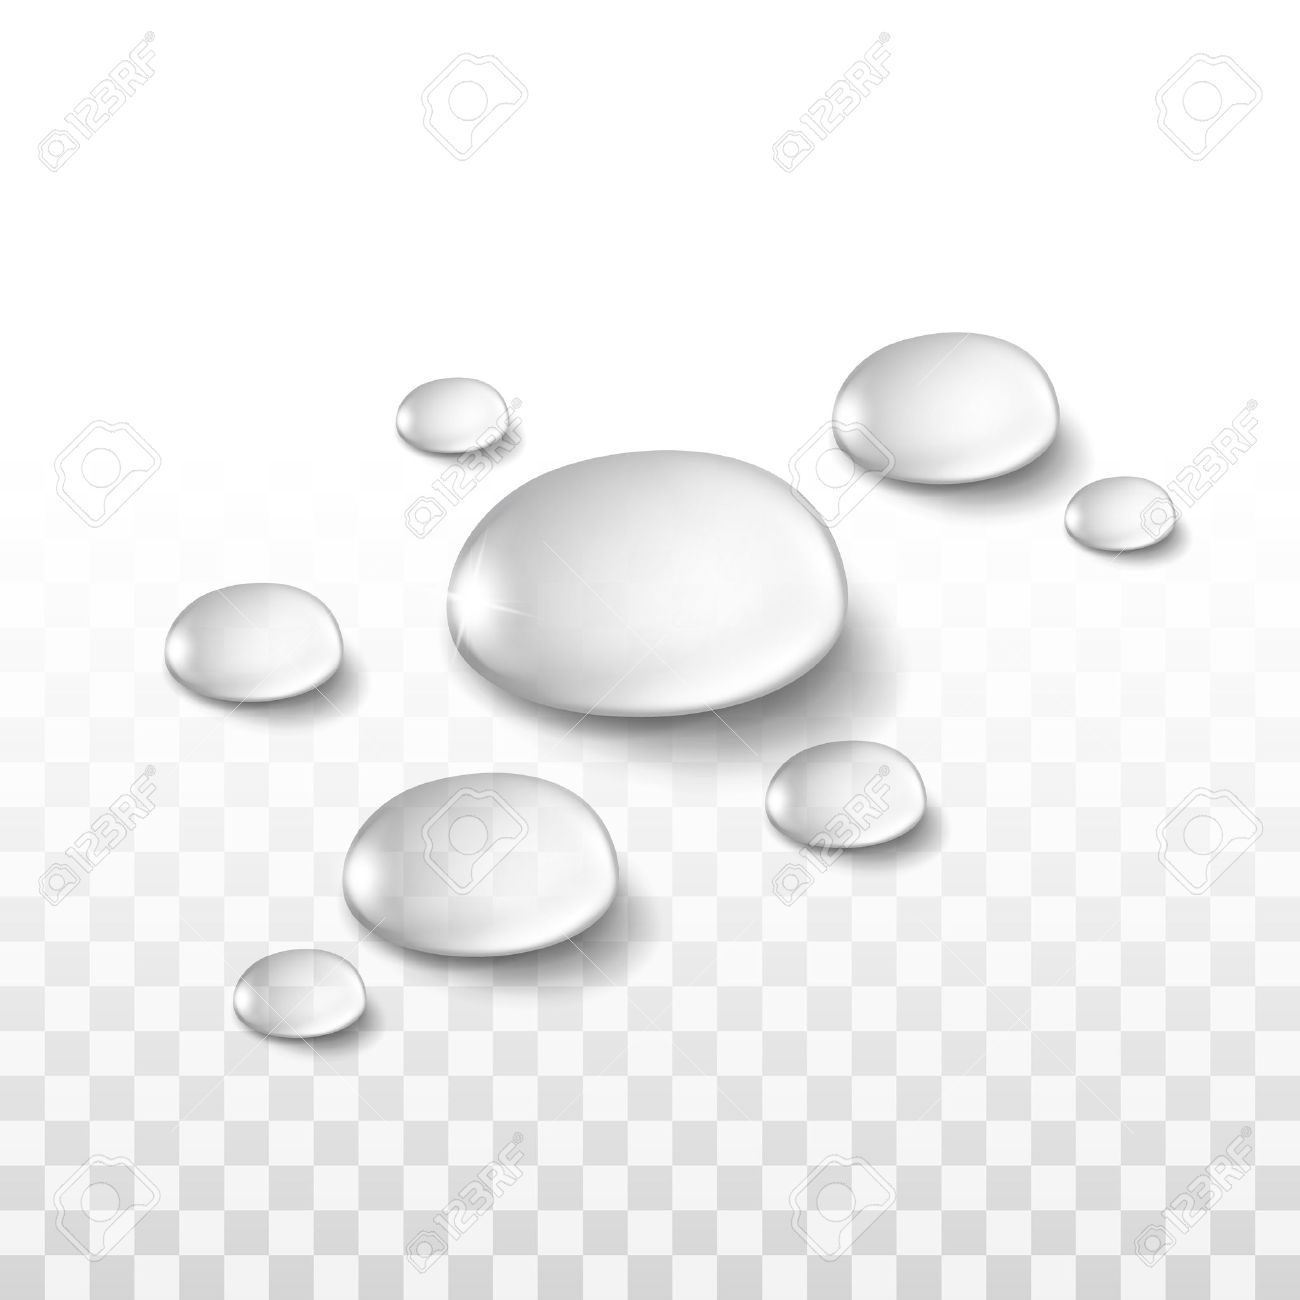 41545289-gouttes-d-eau-rC3A9glC3A9-isolC3A9-sur-fond-transparent